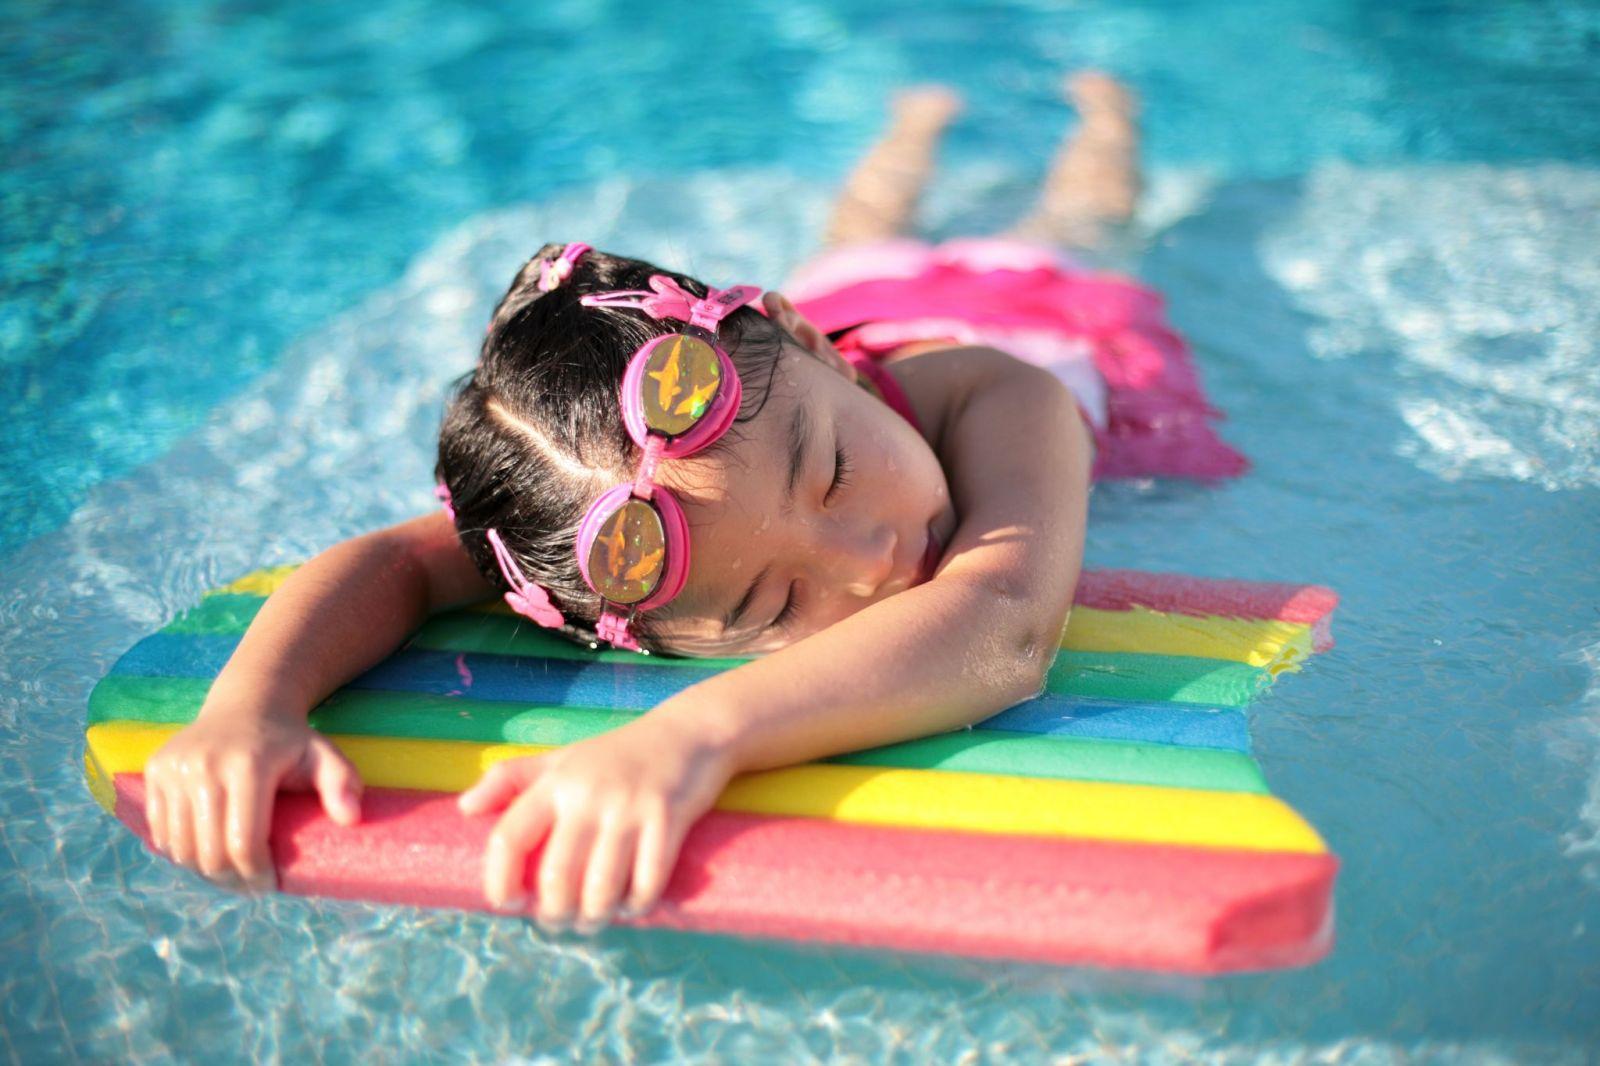 Những kiểu bơi lội sẽ giúp bạn cải thiện chiều cao hiệu quả